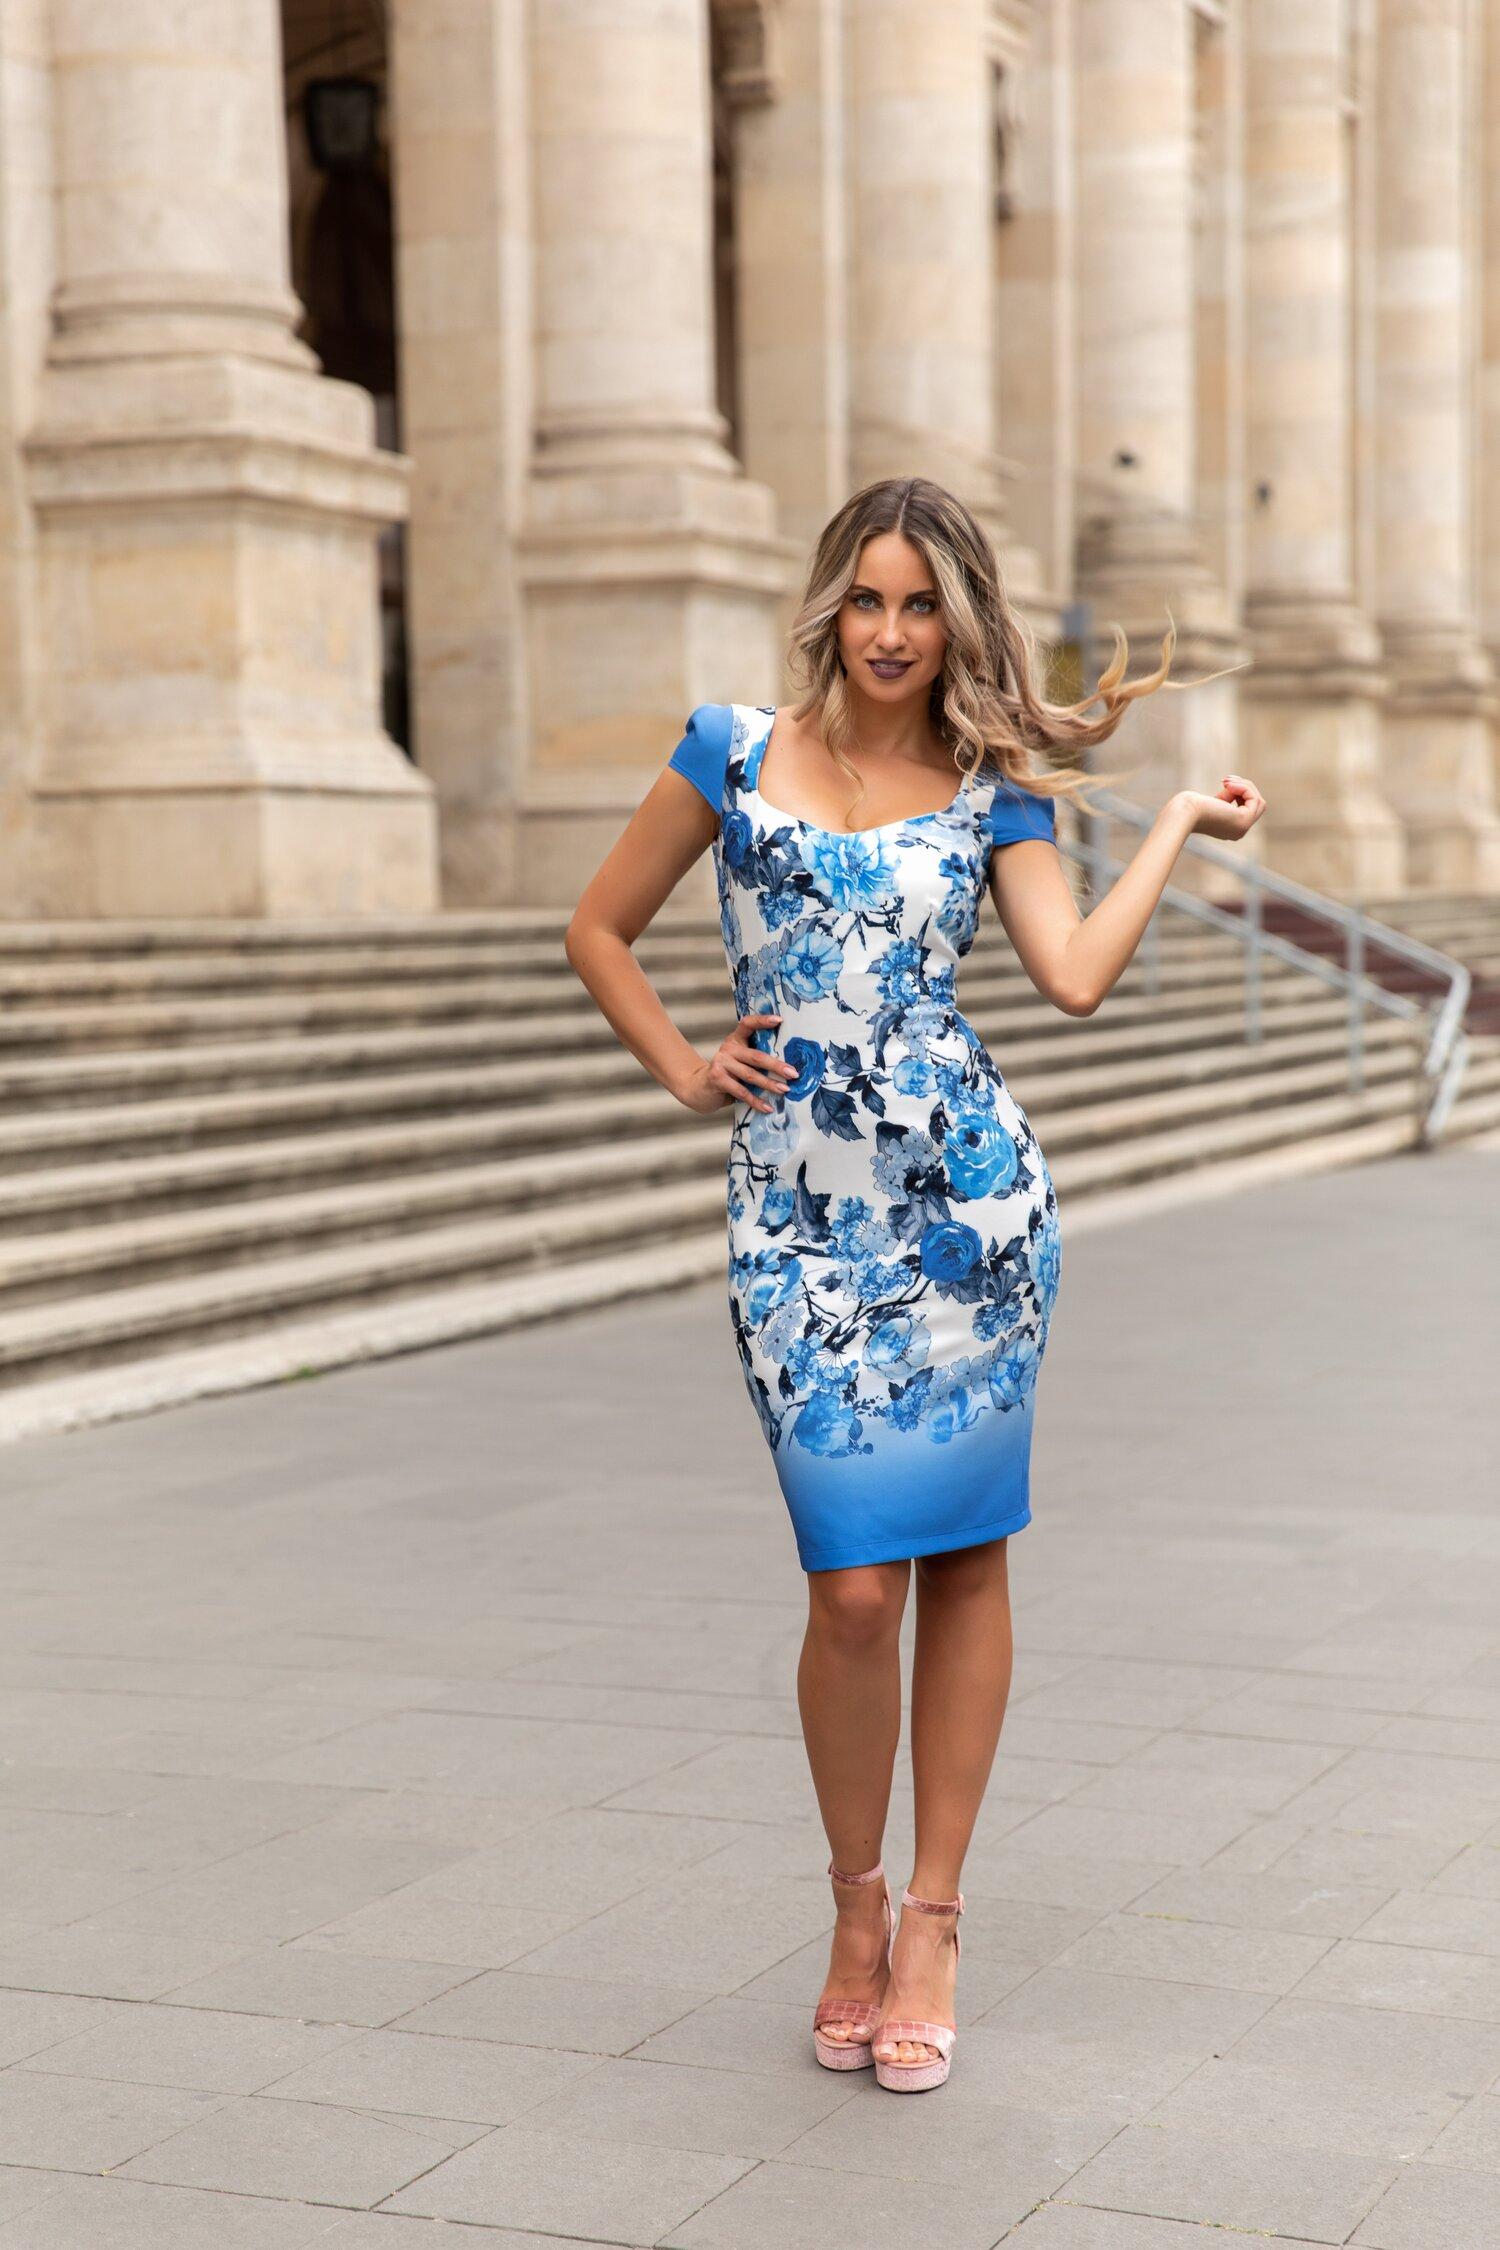 Rochie Fofy cu maneca scurta imprimeu floral si decolteu generos cu bordura albastra